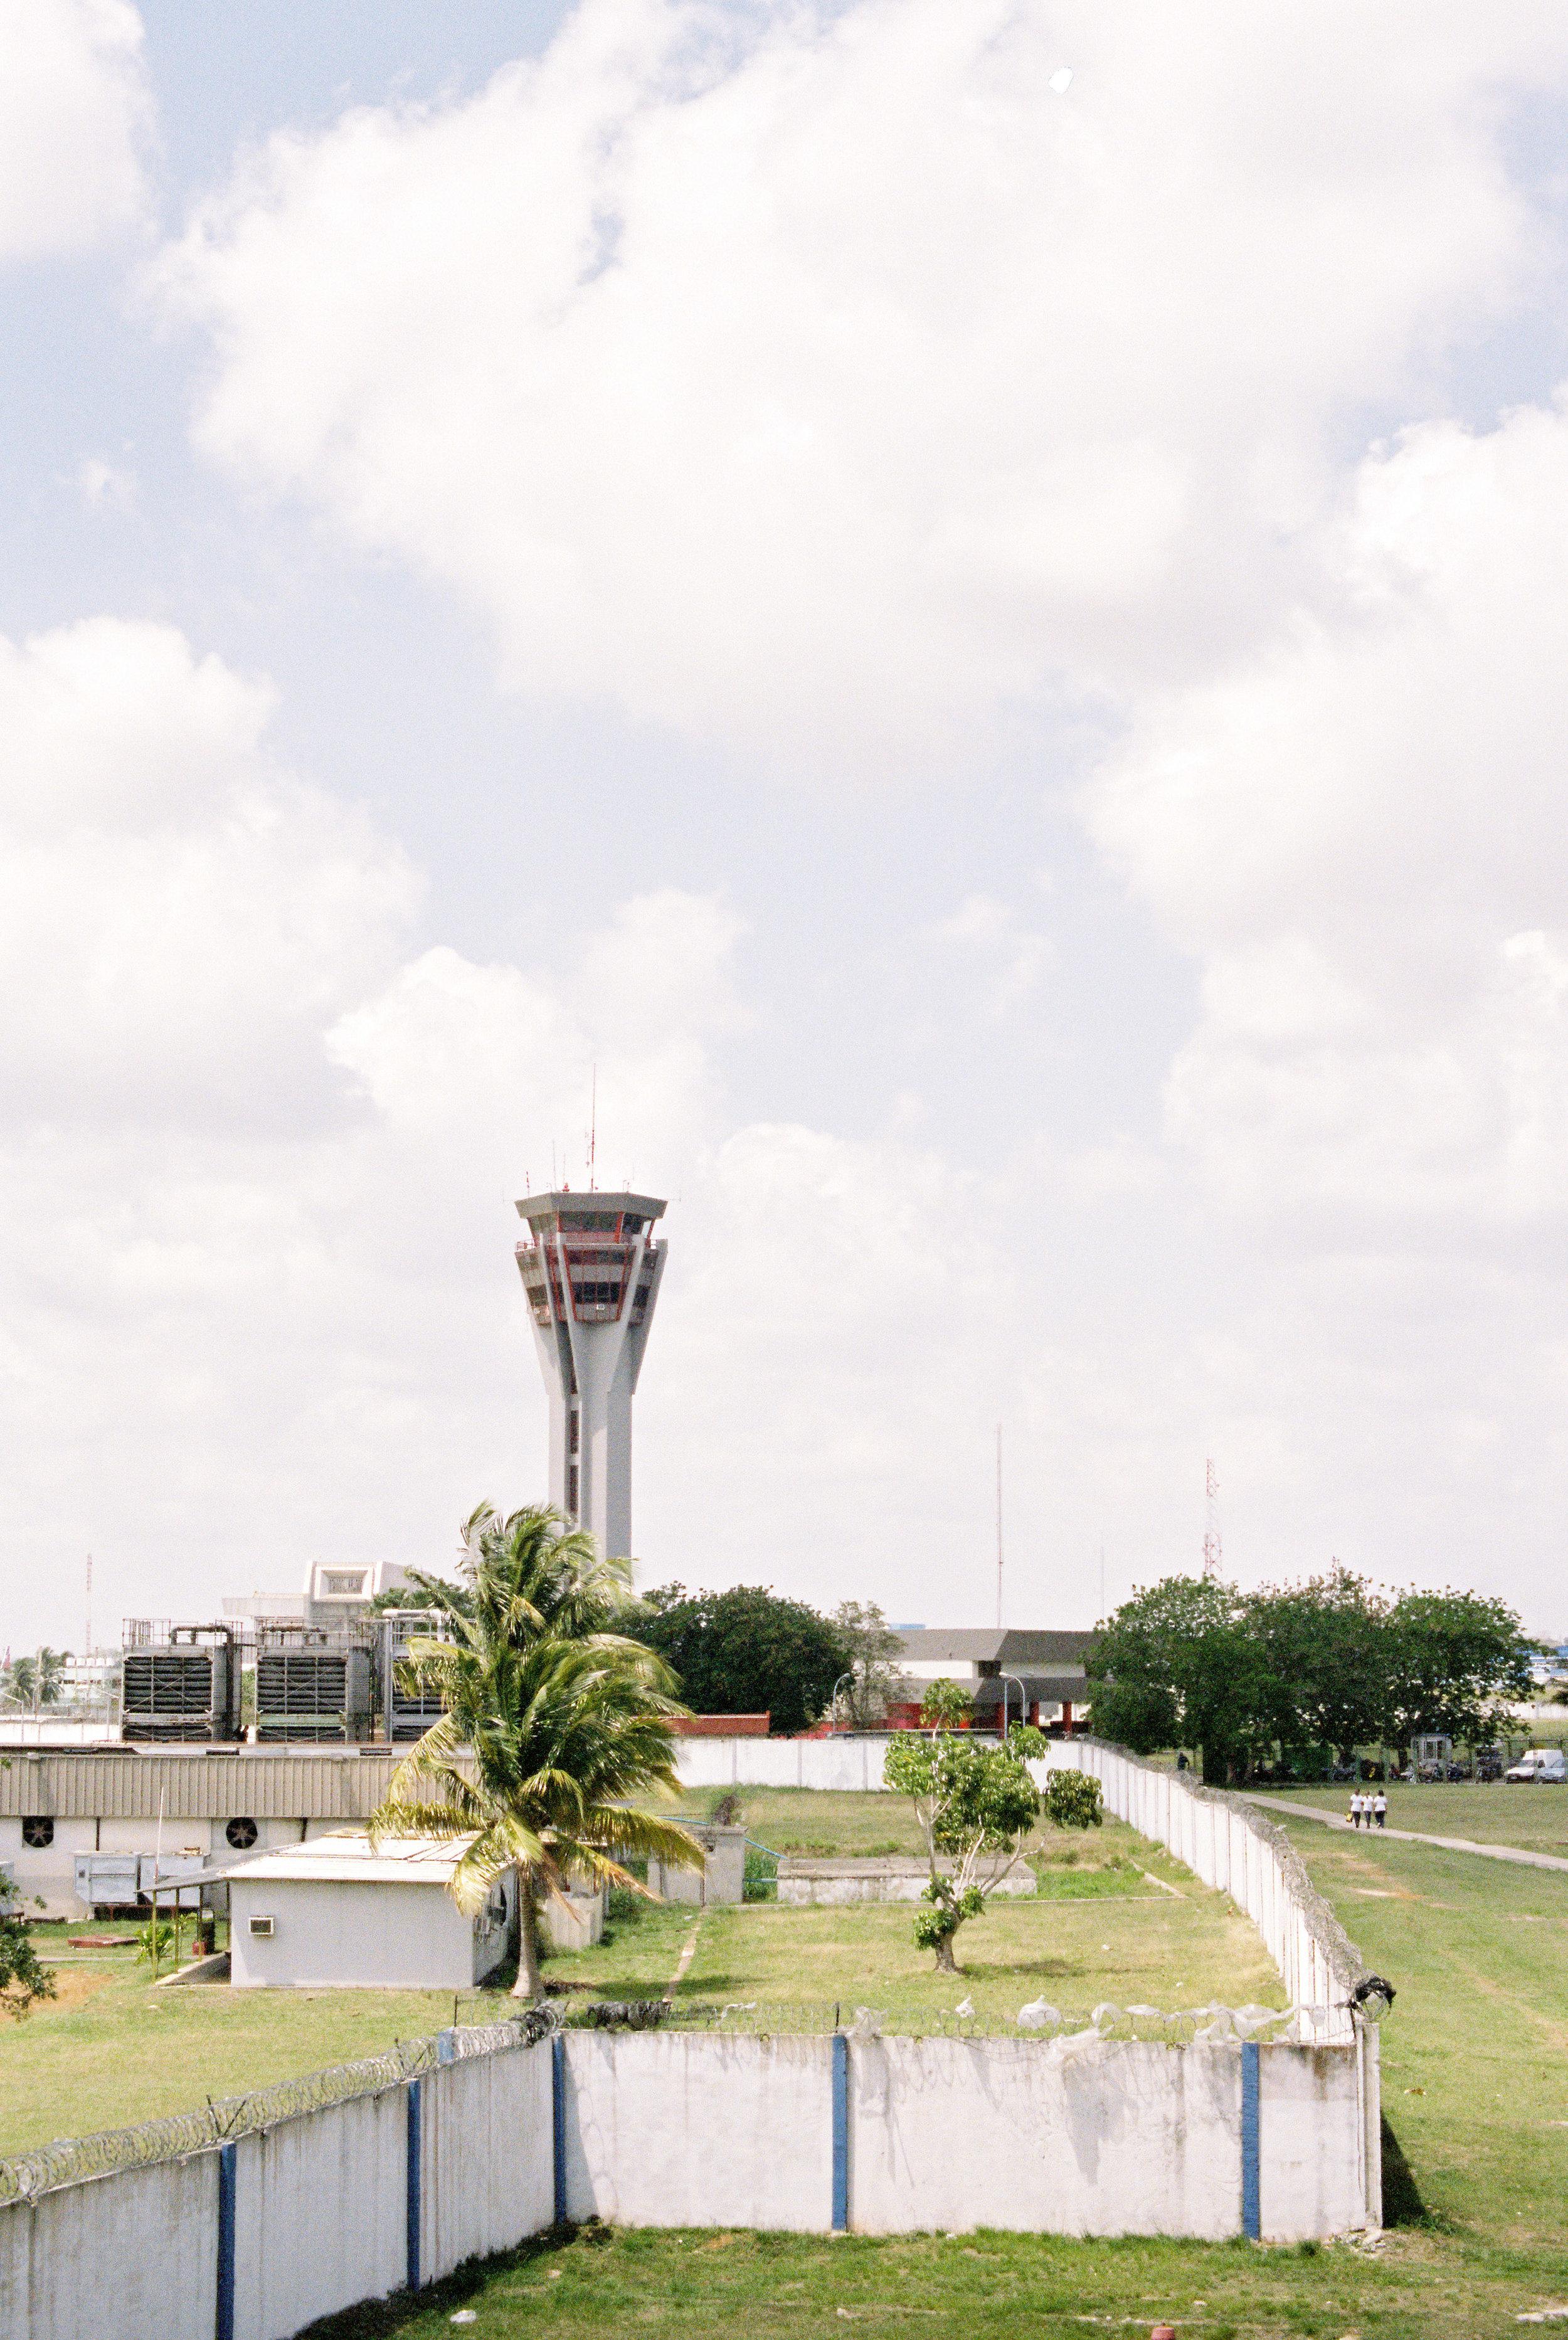 The Havana Airport